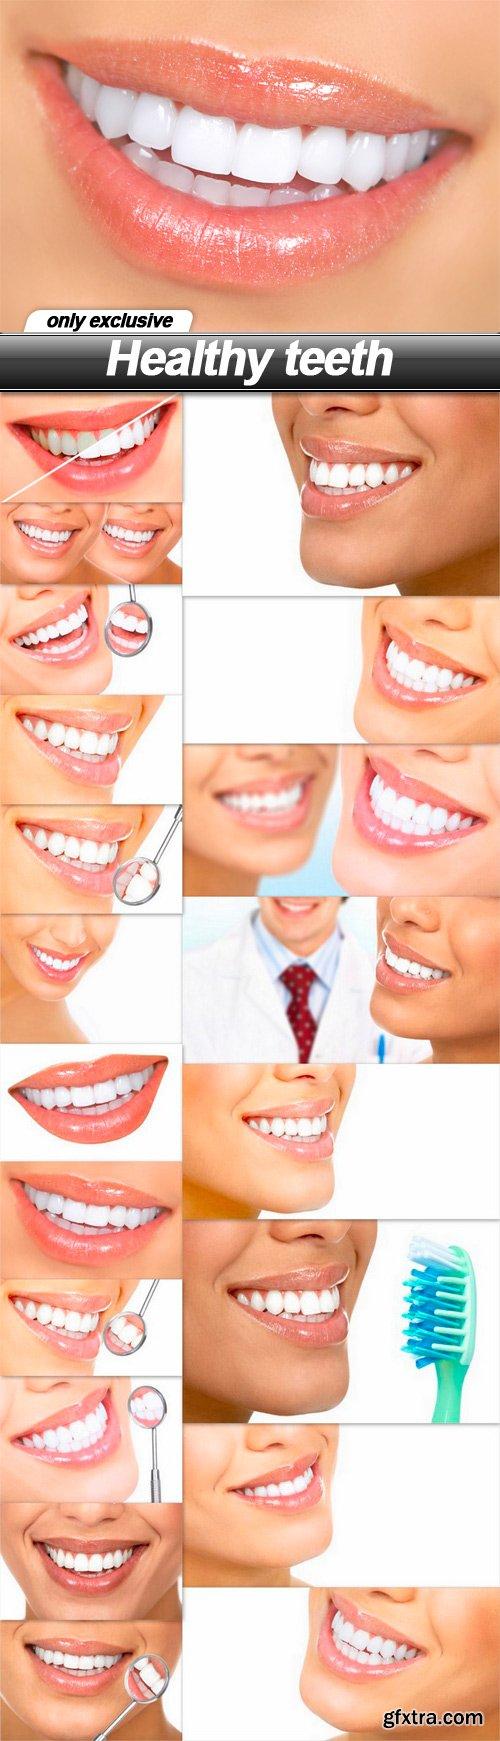 Healthy teeth - 20 UHQ JPEG